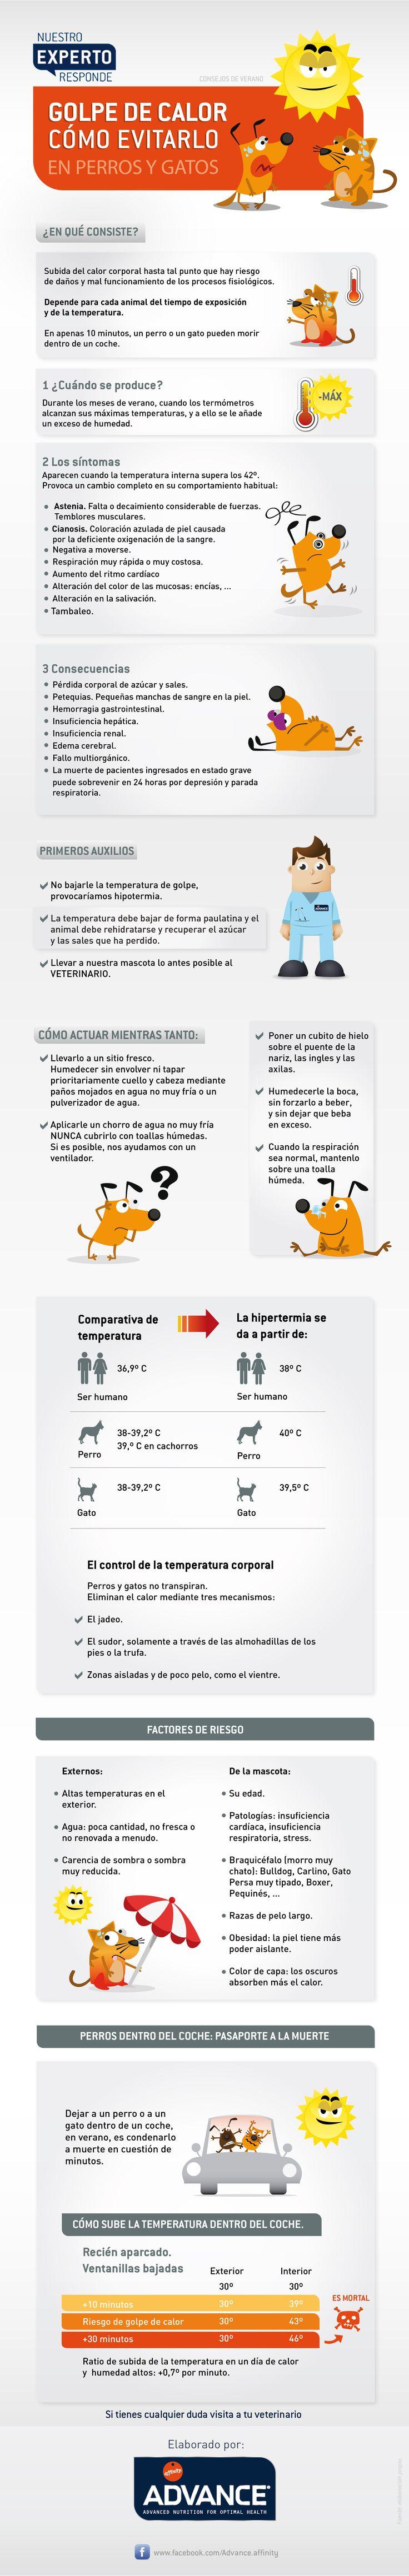 Consejos  para cuidar tu mascota en verano: ¡Cuidado con los golpes de calor! - www.facebook.com/Advance.affinity - www.affinity-petcare.com/advance